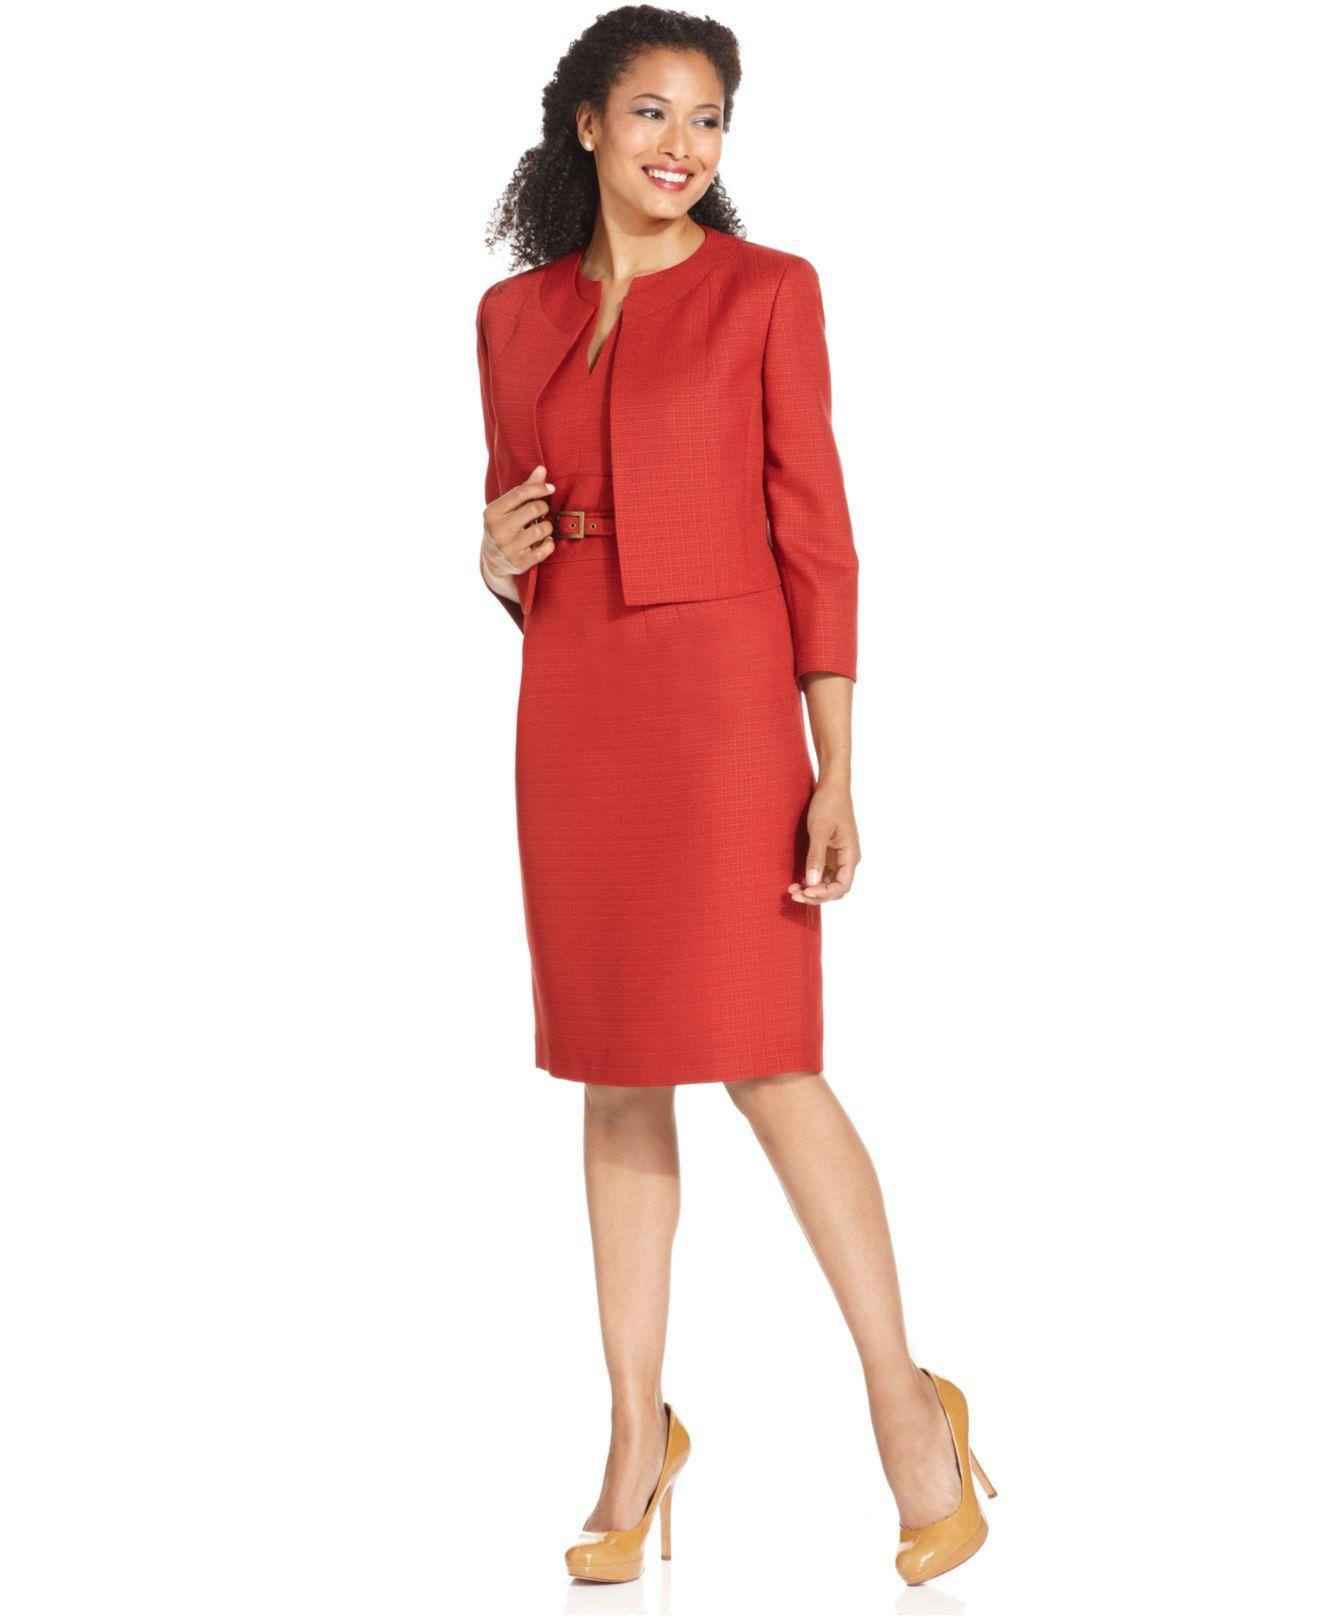 Macy's Dresses Jacket